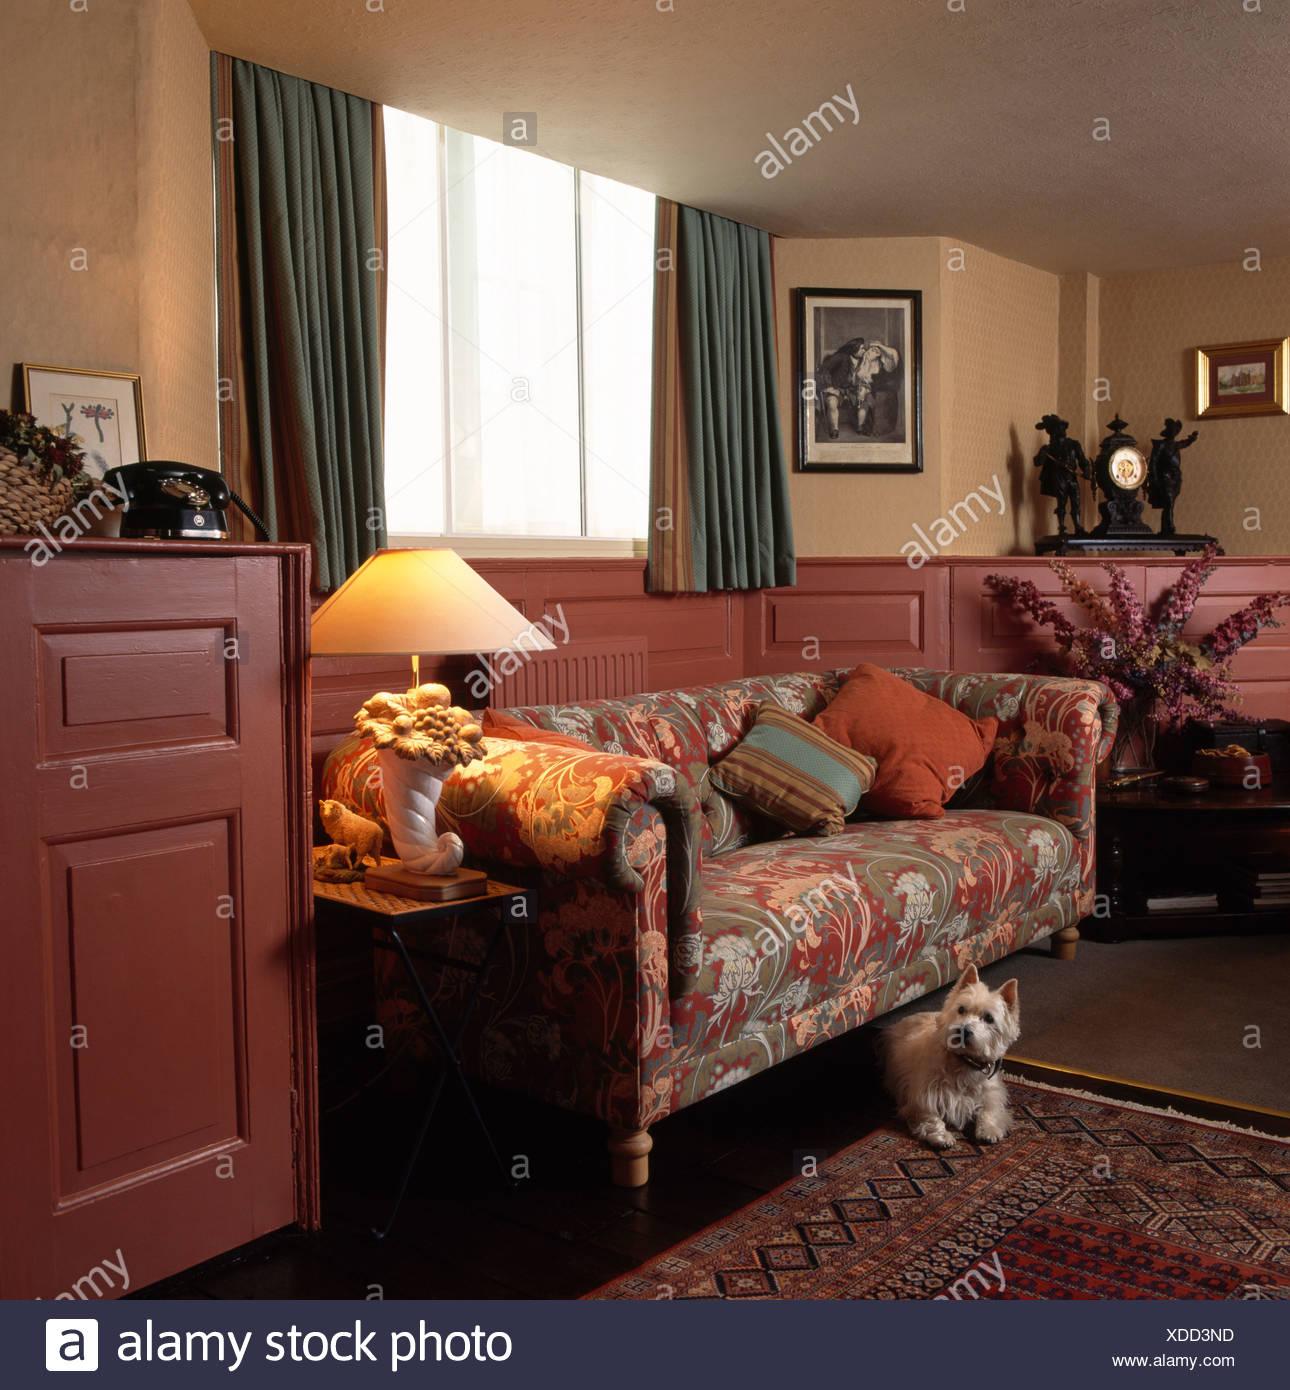 Kleiner Weisser Hund Im Wohnzimmer Mit Gemusterten Chesterfield Sofa